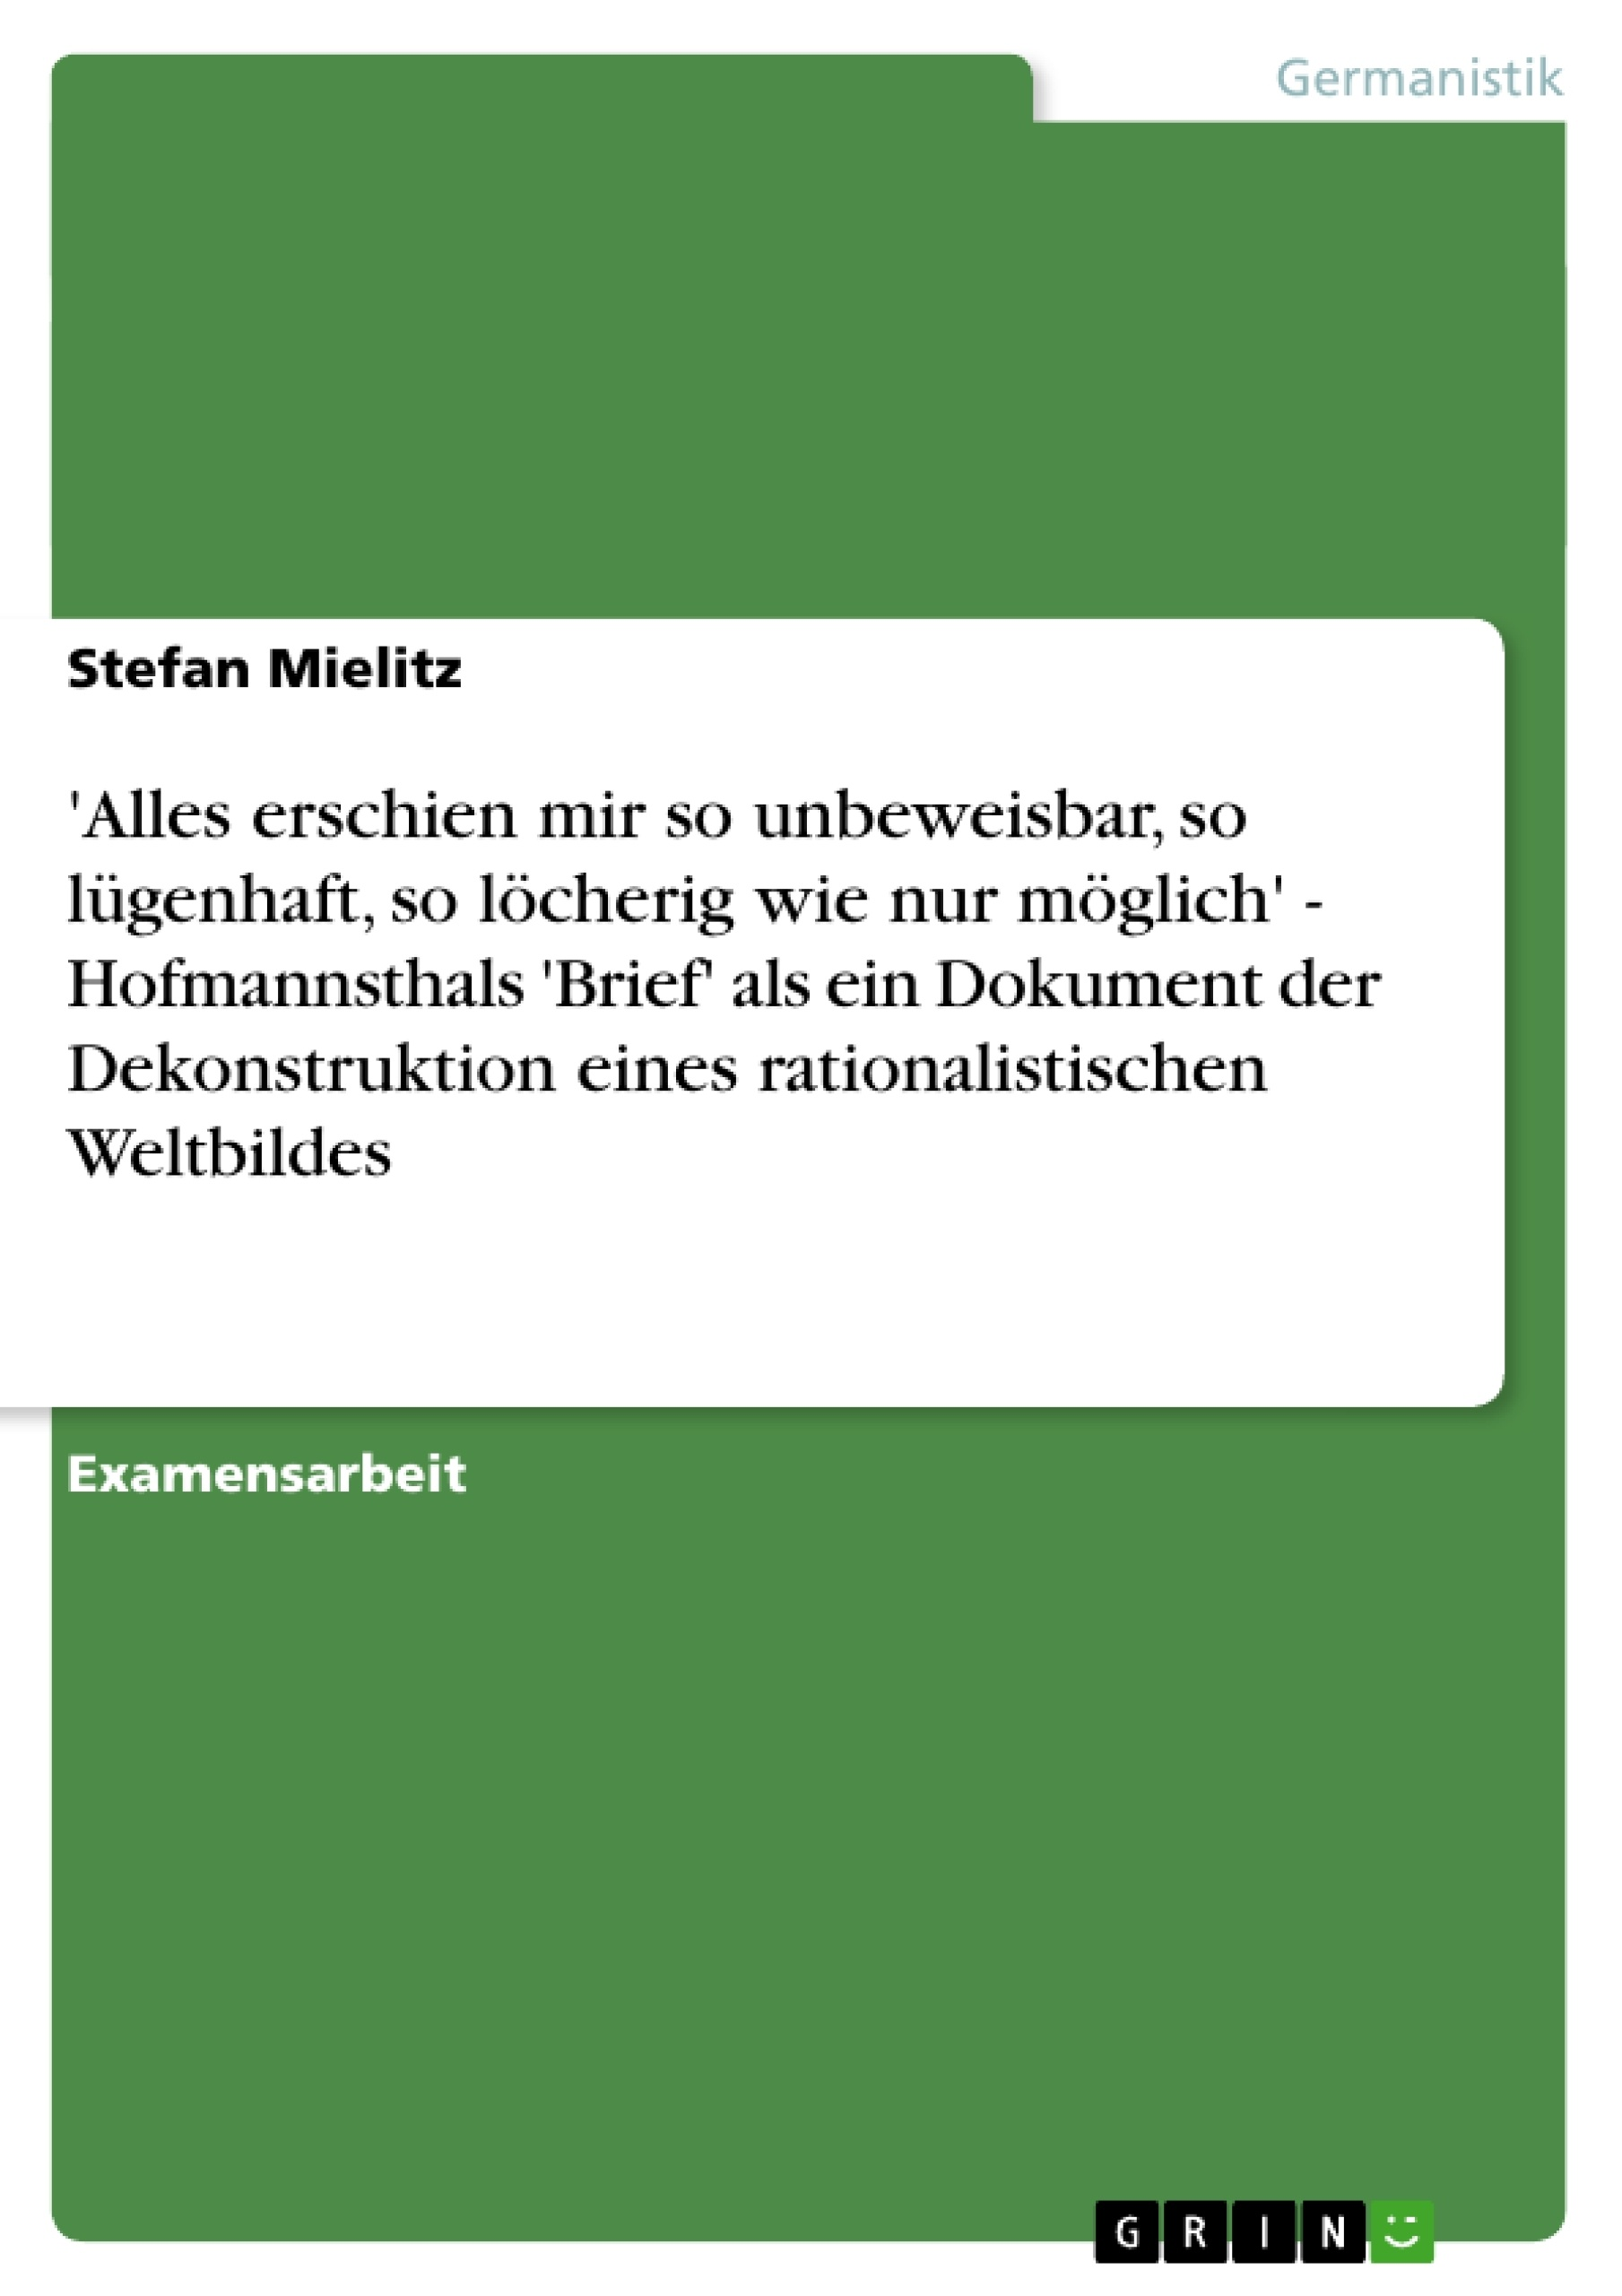 Titel: 'Alles erschien mir so unbeweisbar, so lügenhaft, so löcherig wie nur möglich' - Hofmannsthals 'Brief' als ein Dokument der Dekonstruktion eines rationalistischen Weltbildes